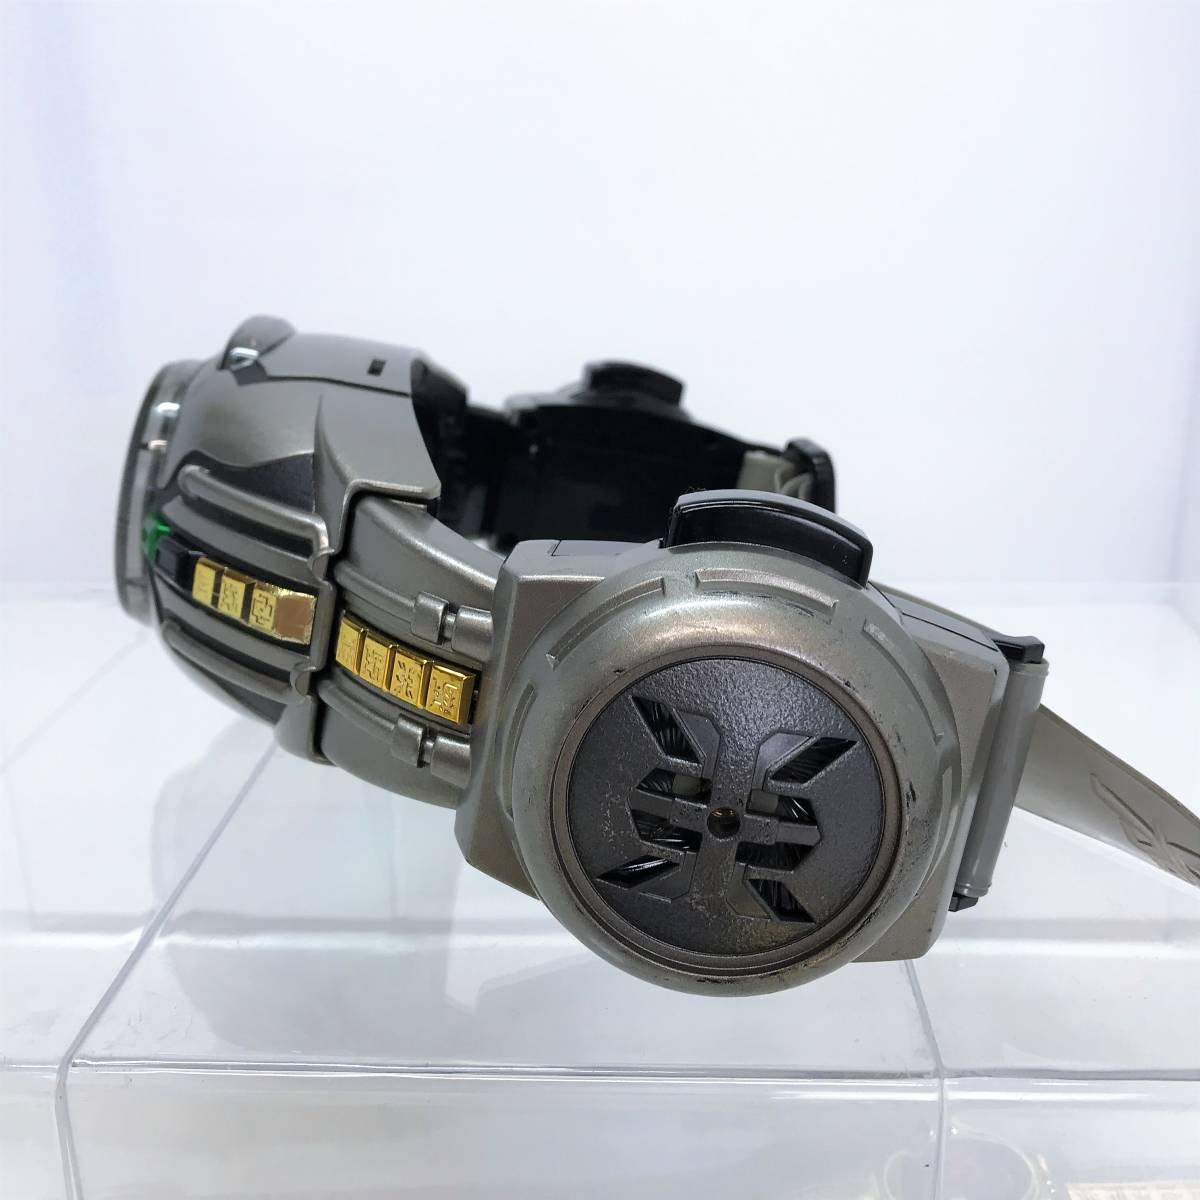 仮面ライダー クウガ DX 変身ベルト ソニックウェーブ アークル タイタンソード 当時物 なりきり 武器 まとめて 多数 大量 セット 出品中_画像6